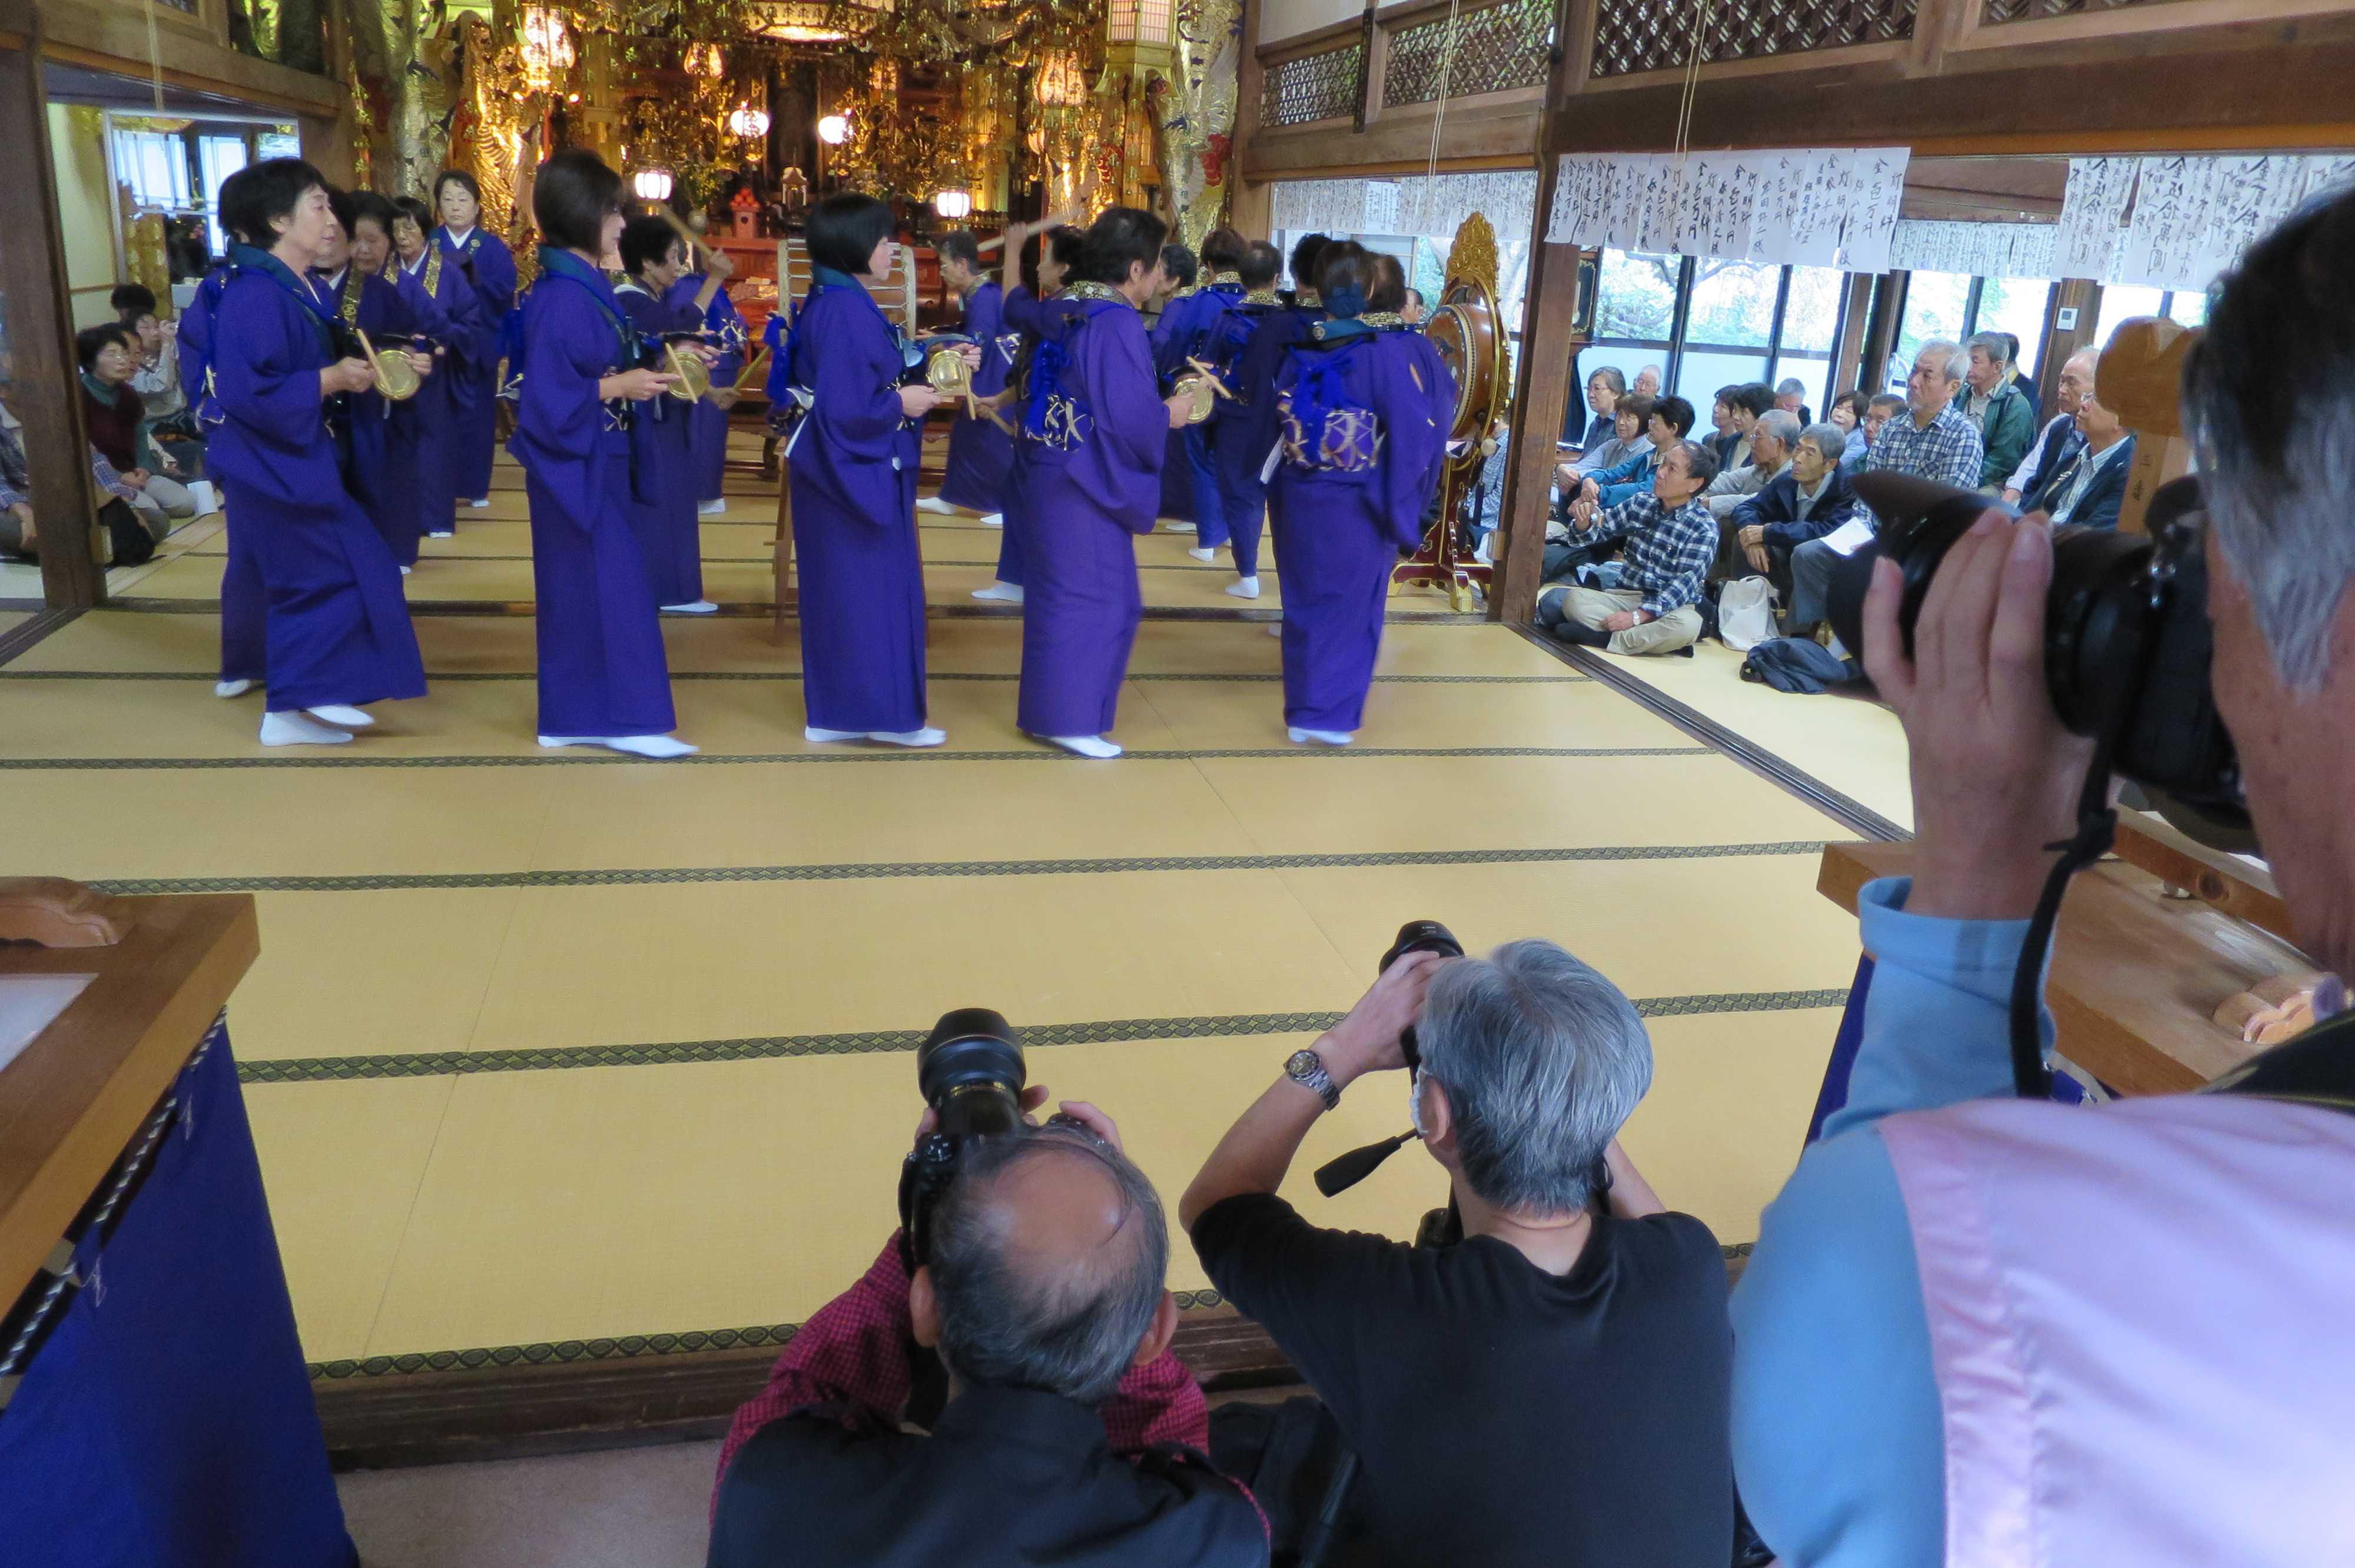 無量光寺の踊り念仏 - アマチュアカメラマンの皆さん